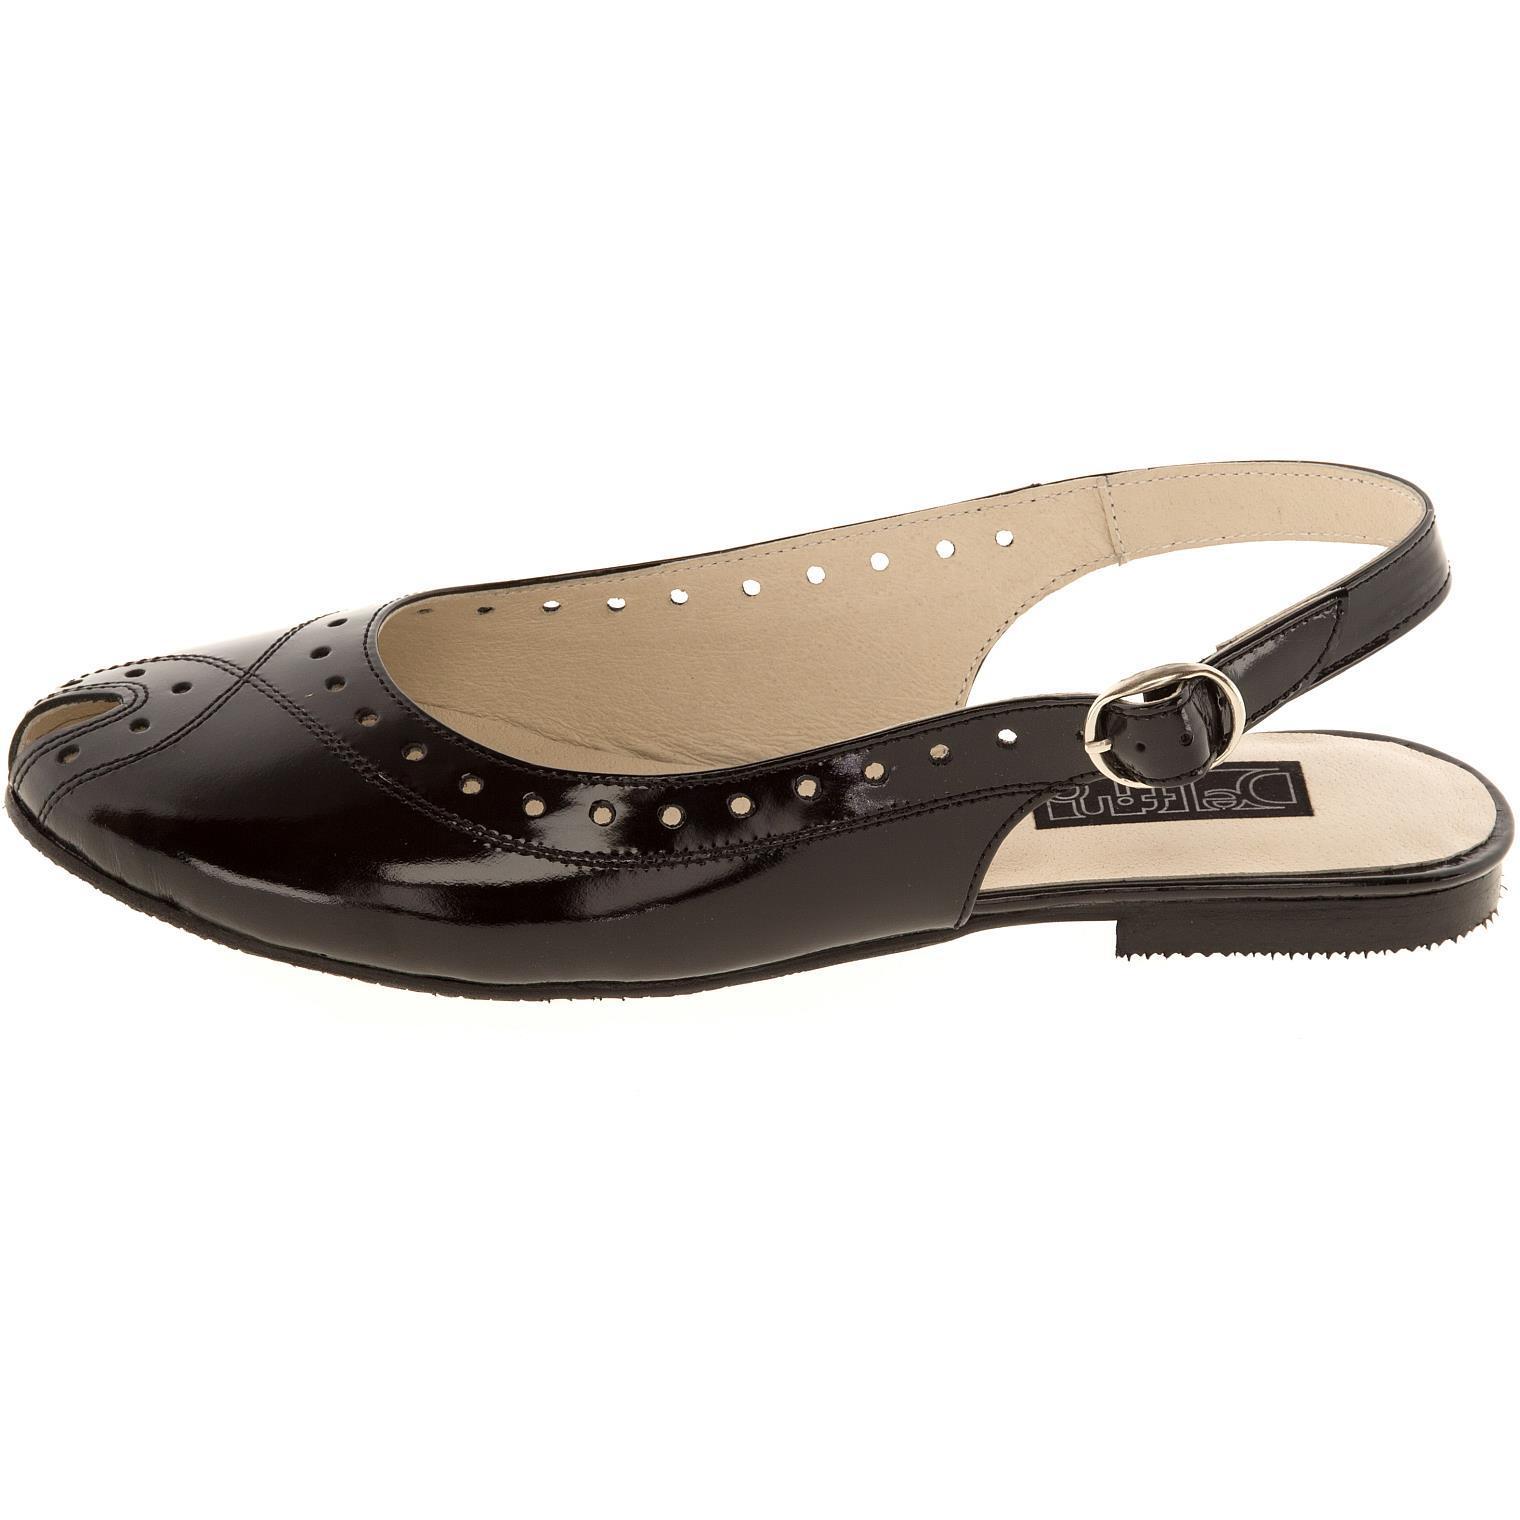 631198 туфли летние женские черный лак больших размеров марки Делфино